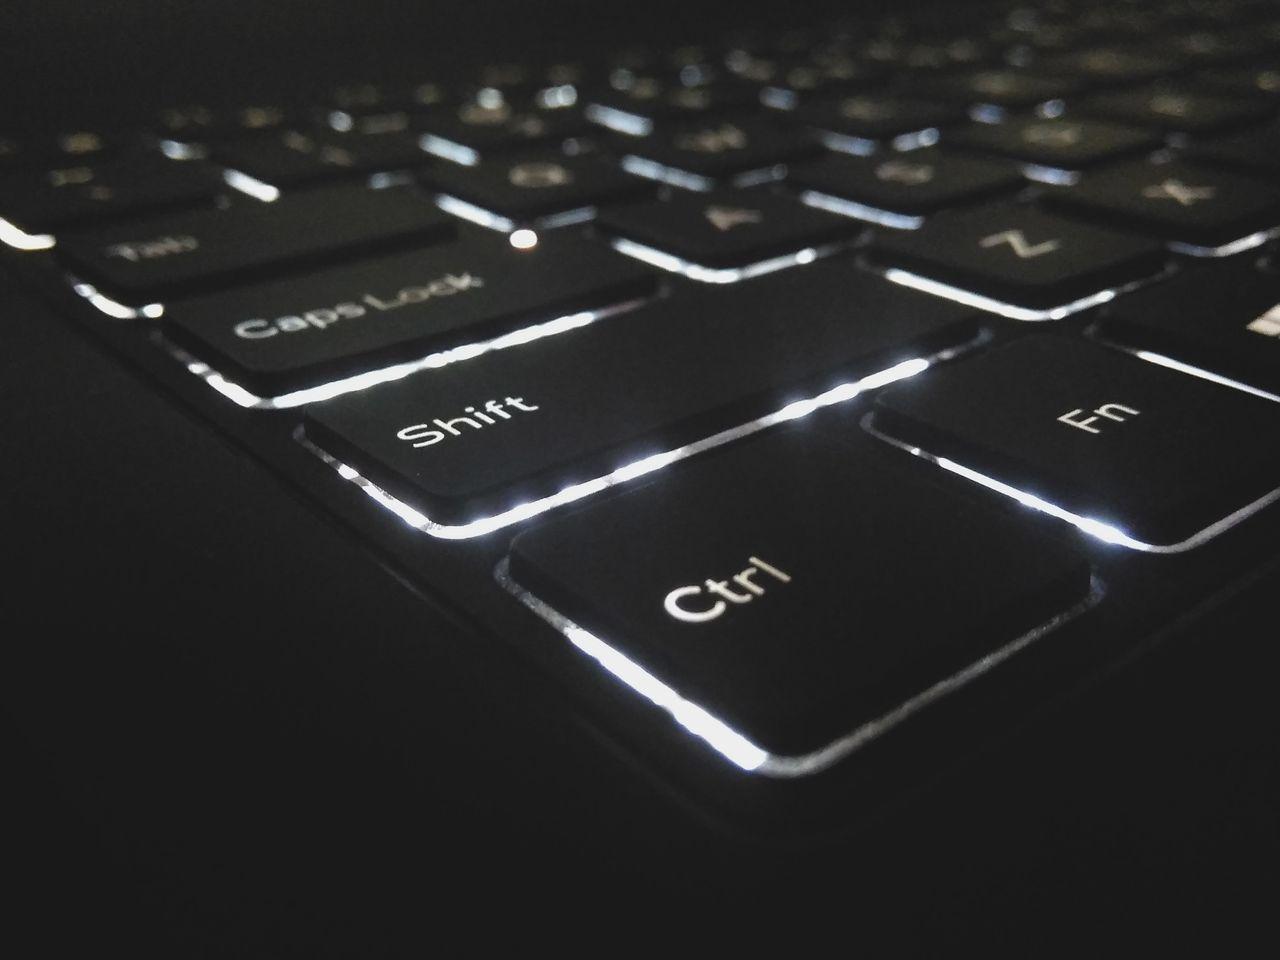 IBM vill ha ändringar i amerikansk internetlag